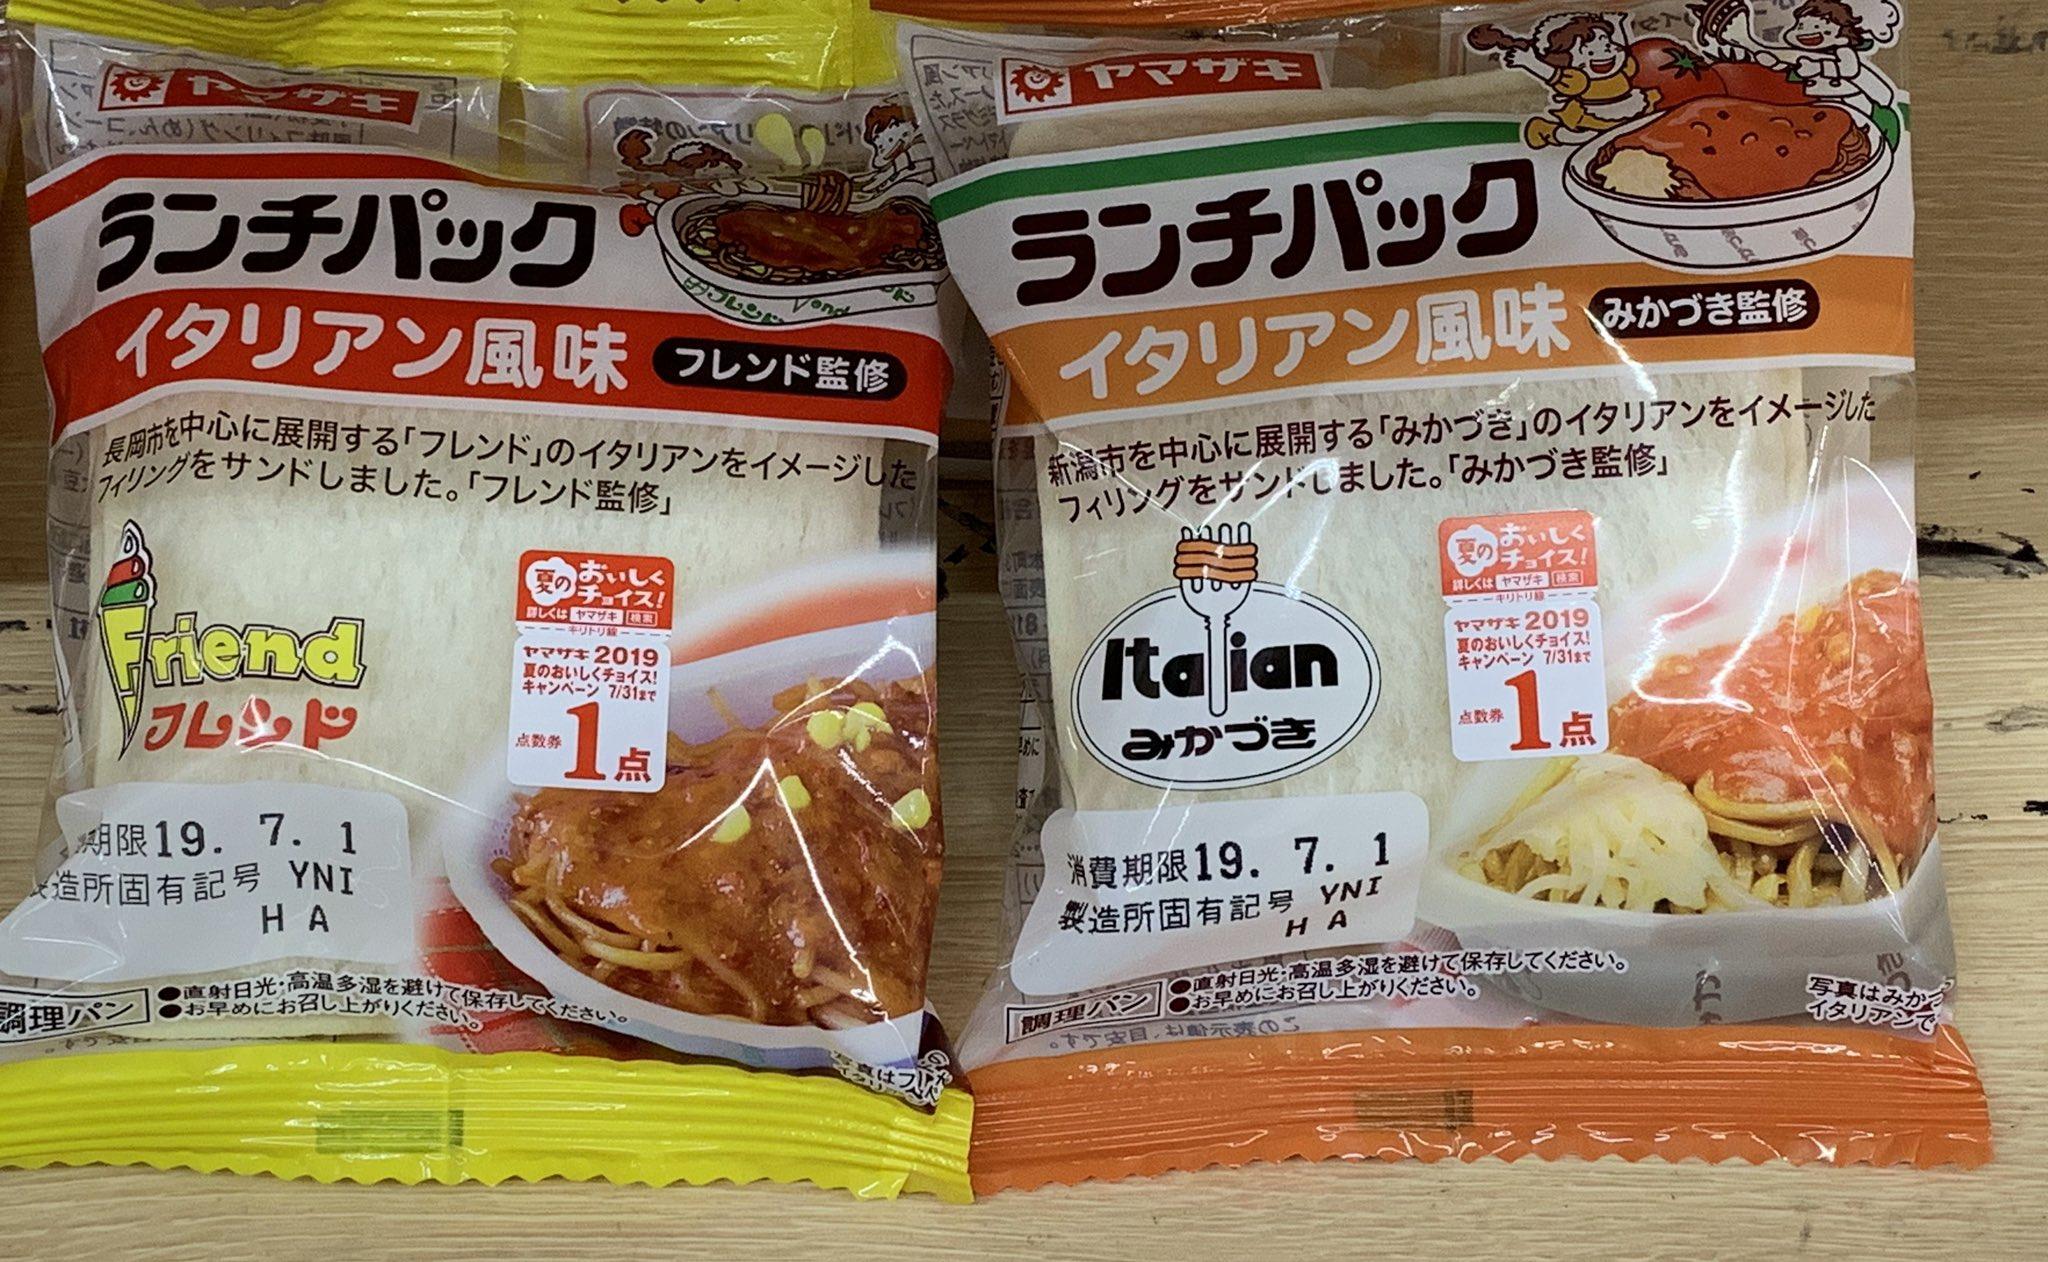 新潟県外の人にすれば一つでいいじゃんと思うかもしれないが新潟県民にとってはどちらか一方の店監修の味だけ出すと「よろしい ならば戦争だ」になってしまうので山崎パンの判断は正しい。